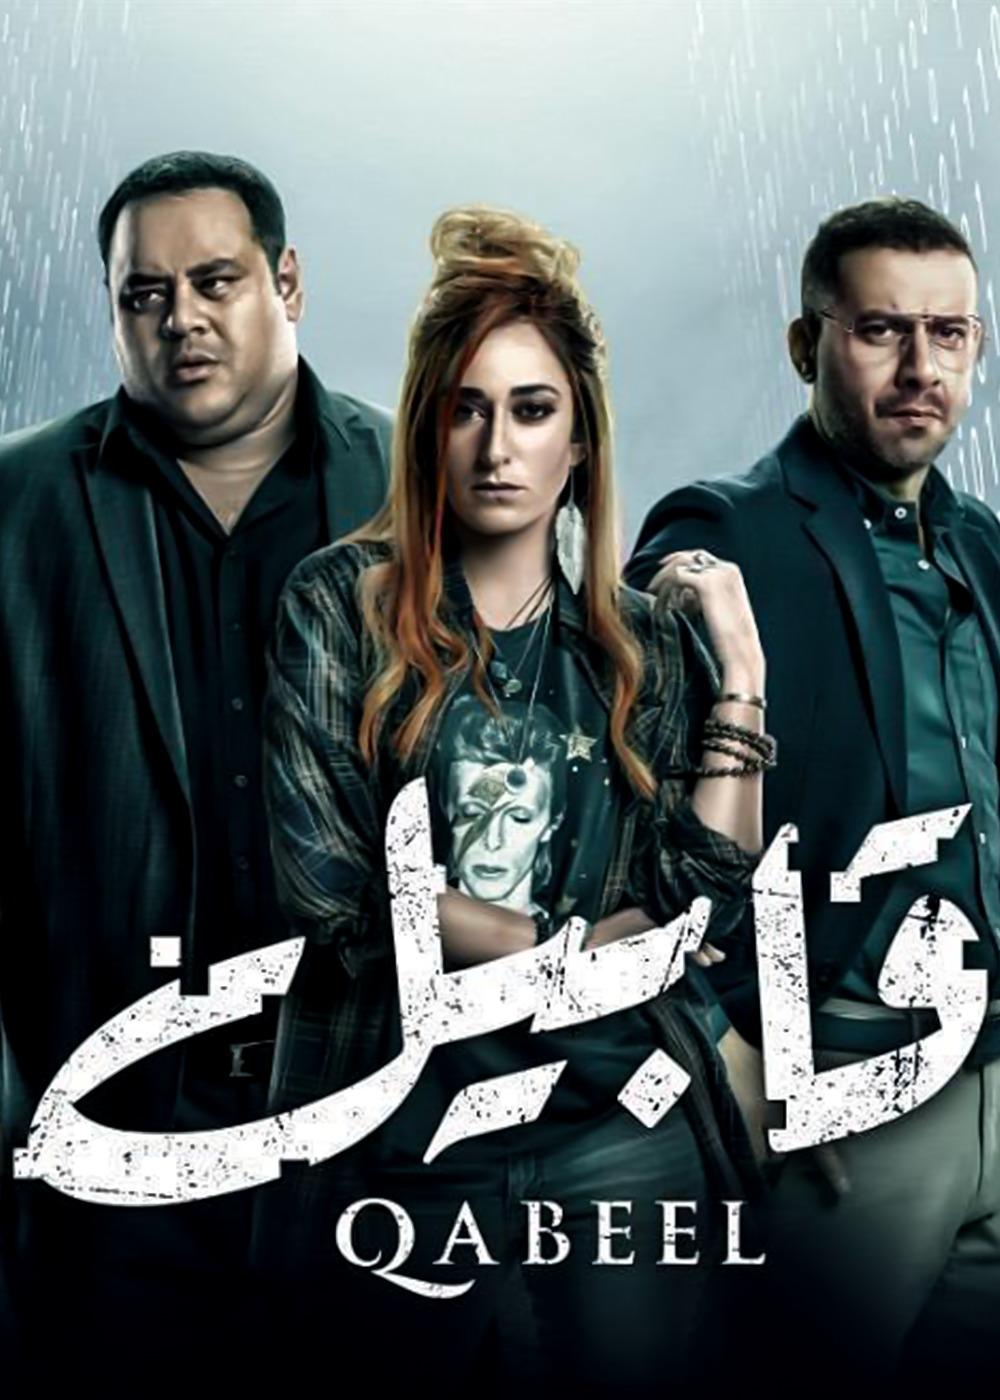 احداث وتفاصيل الحلقة 20 من مسلسل قابيل رمضان 2019